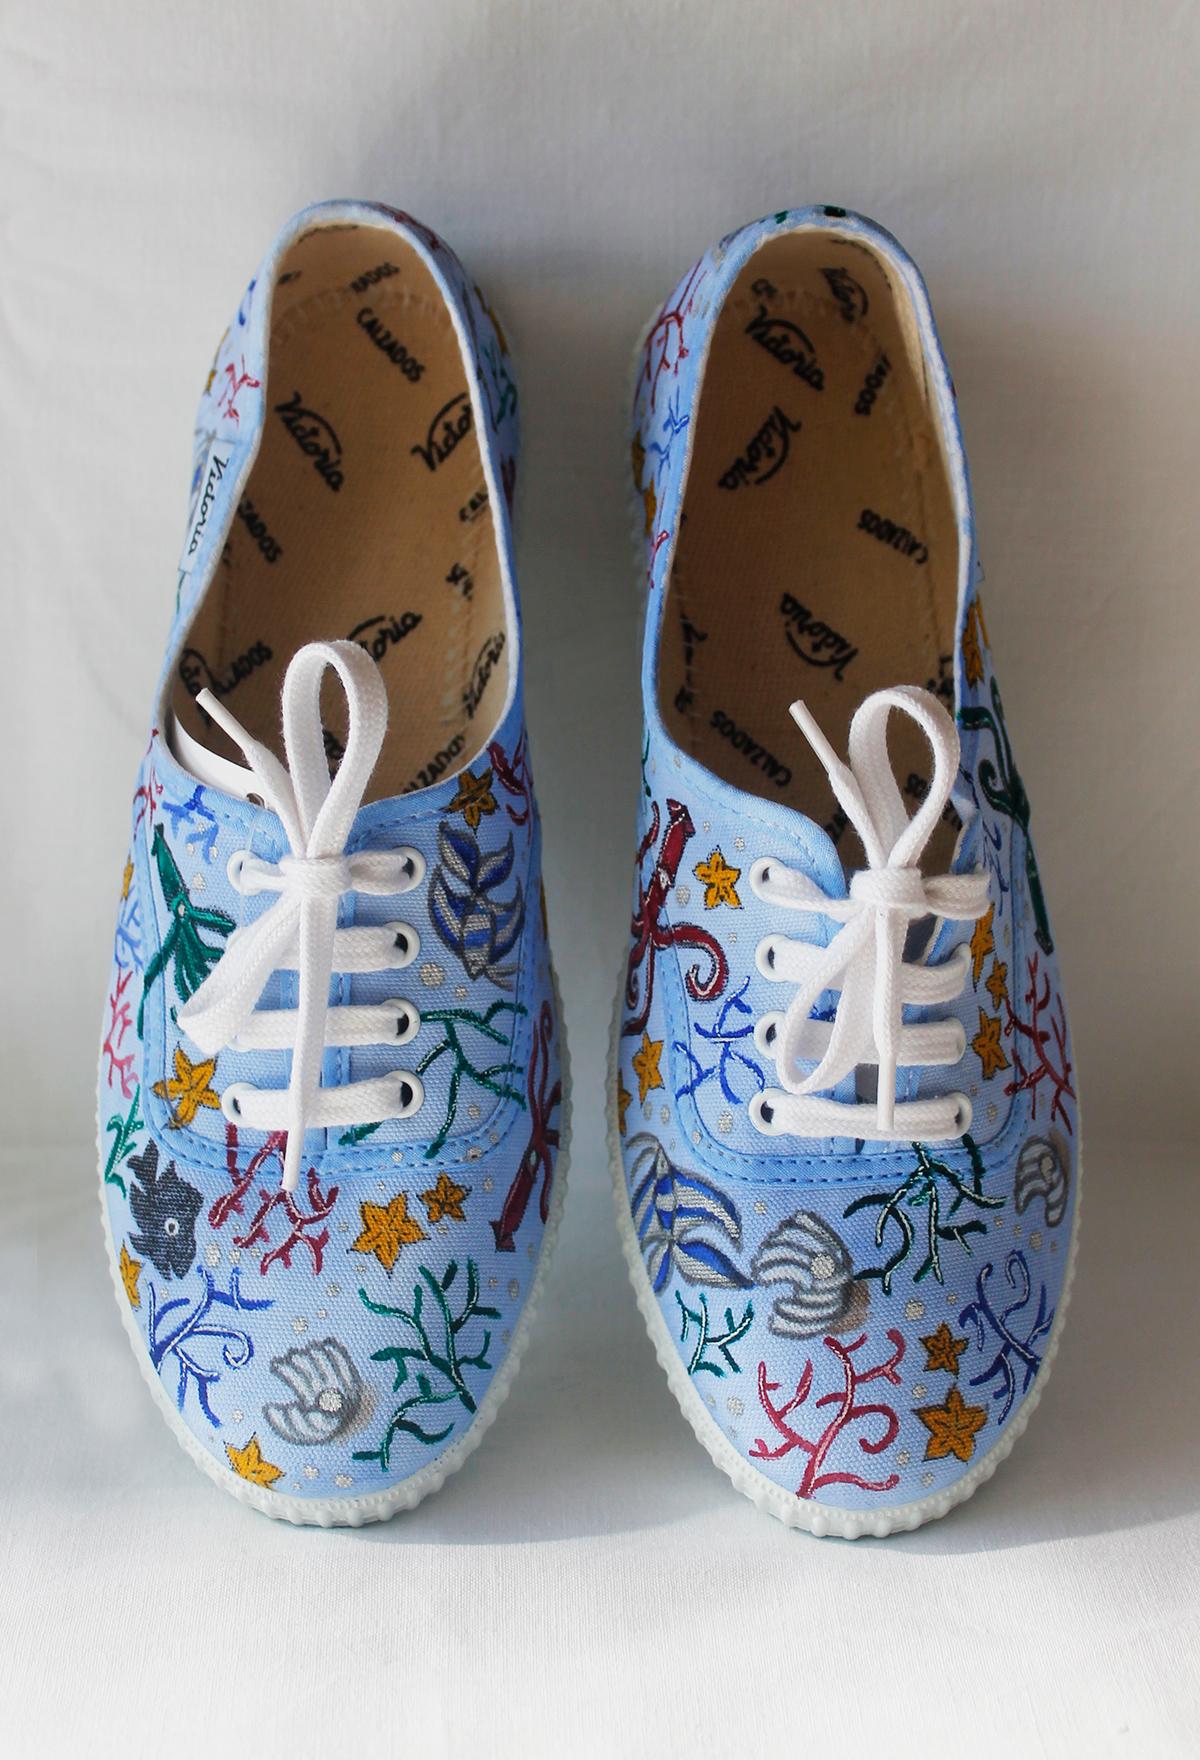 shoes literature watercolor children art